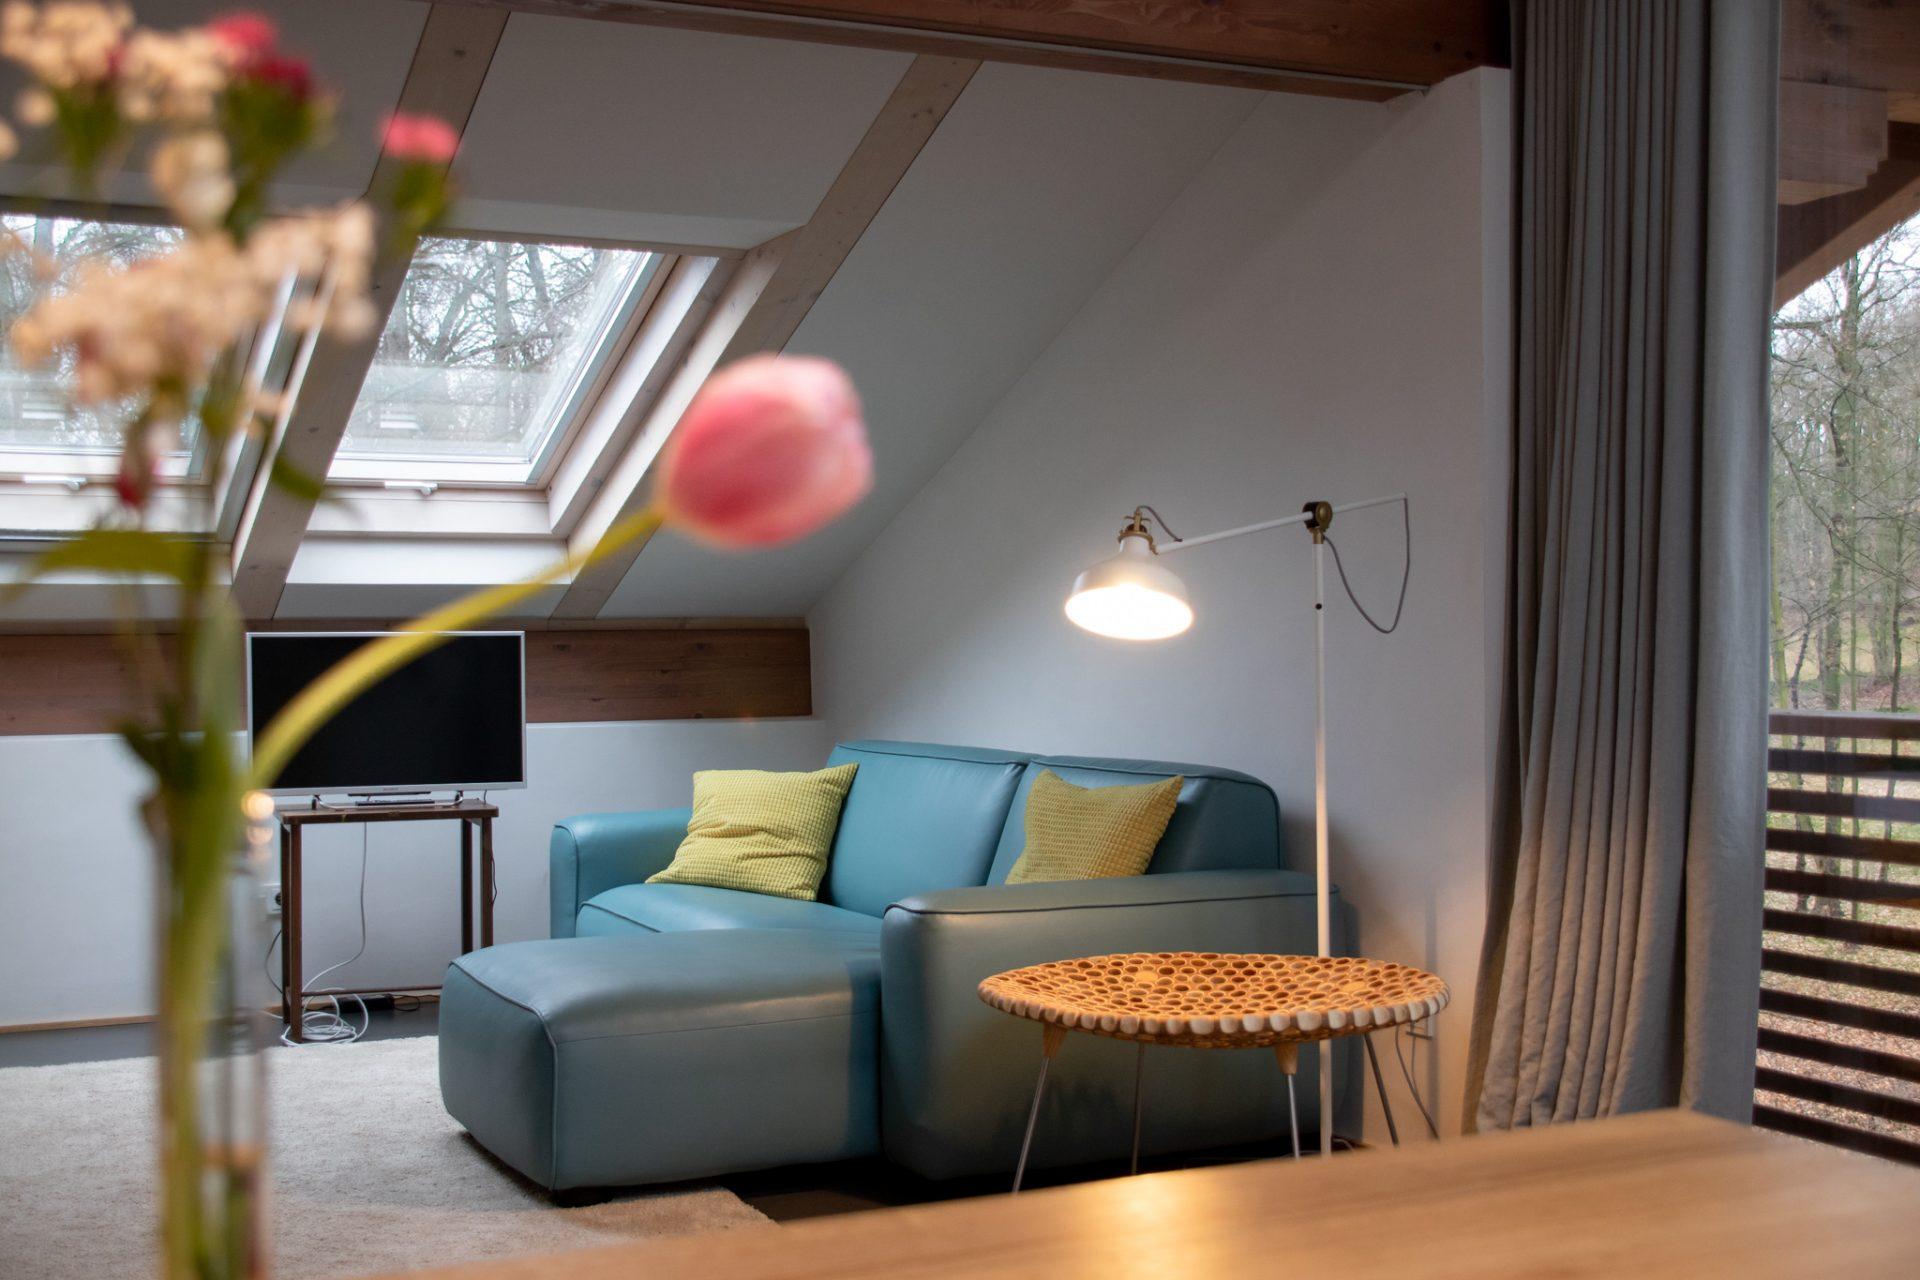 potsdam-parkchalet-lichtung-wohnzimmer-sofa